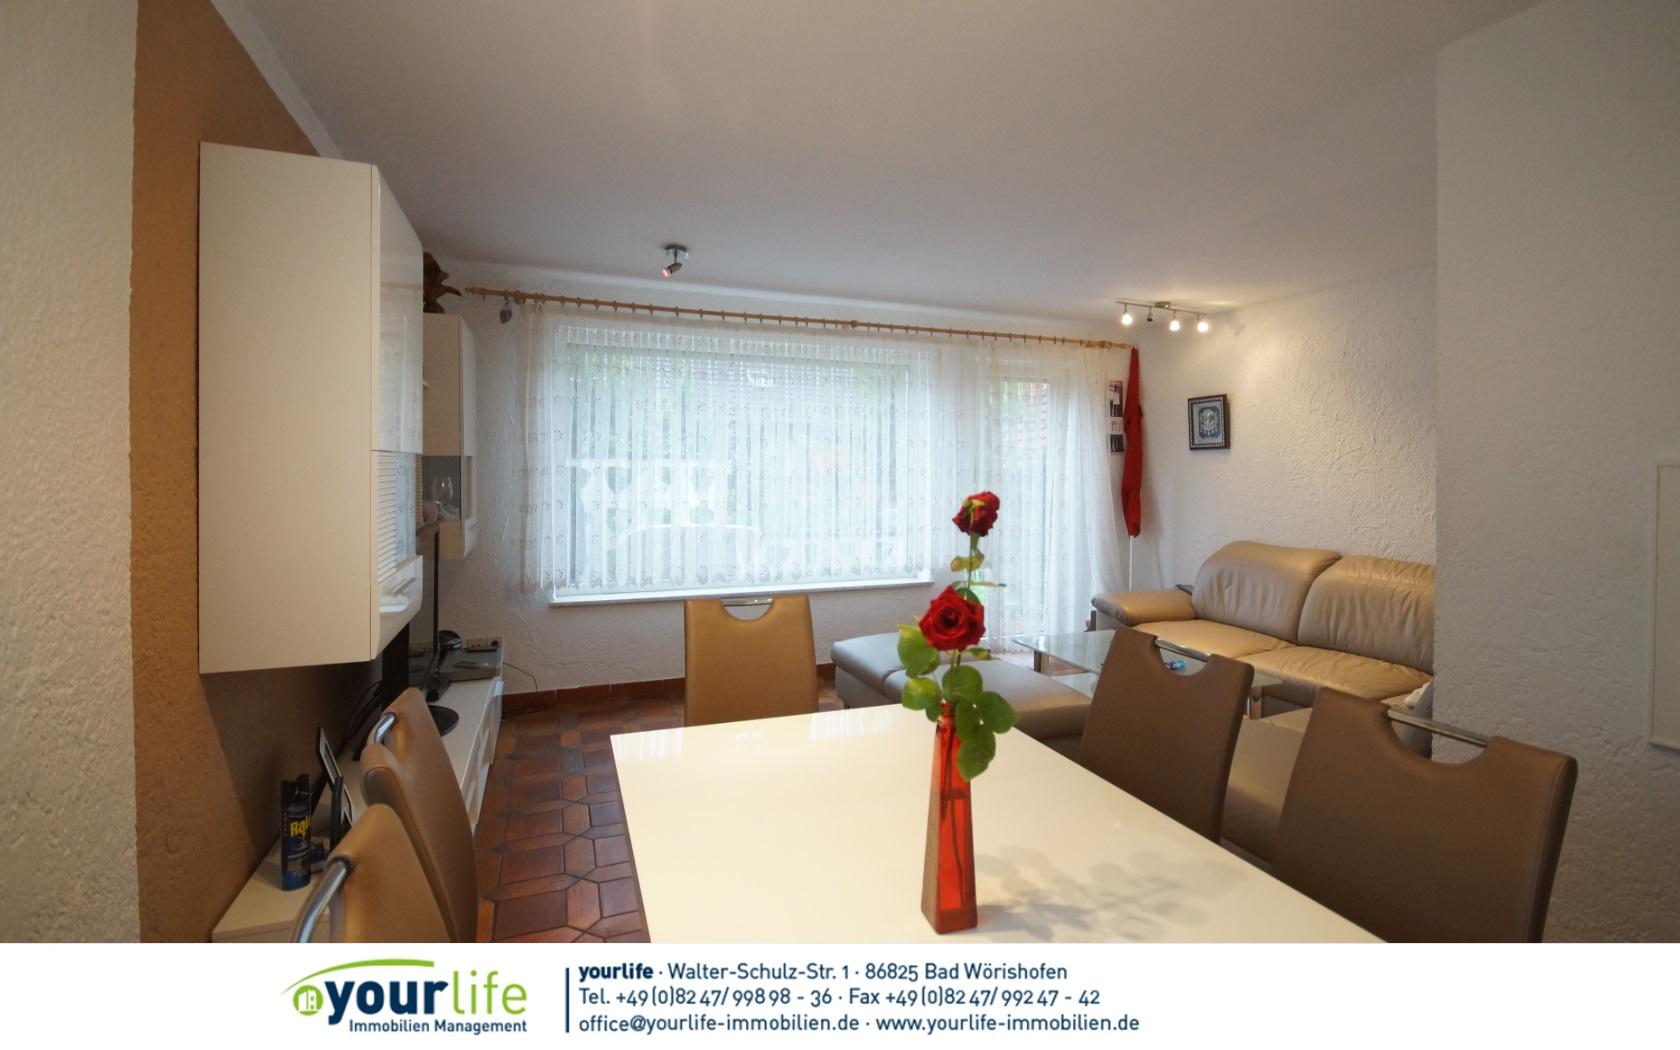 Immobilienmakler Bad Wörishofen eigentumswohnung buchloe wohnzimmer1 yourlife immobilienmakler bad